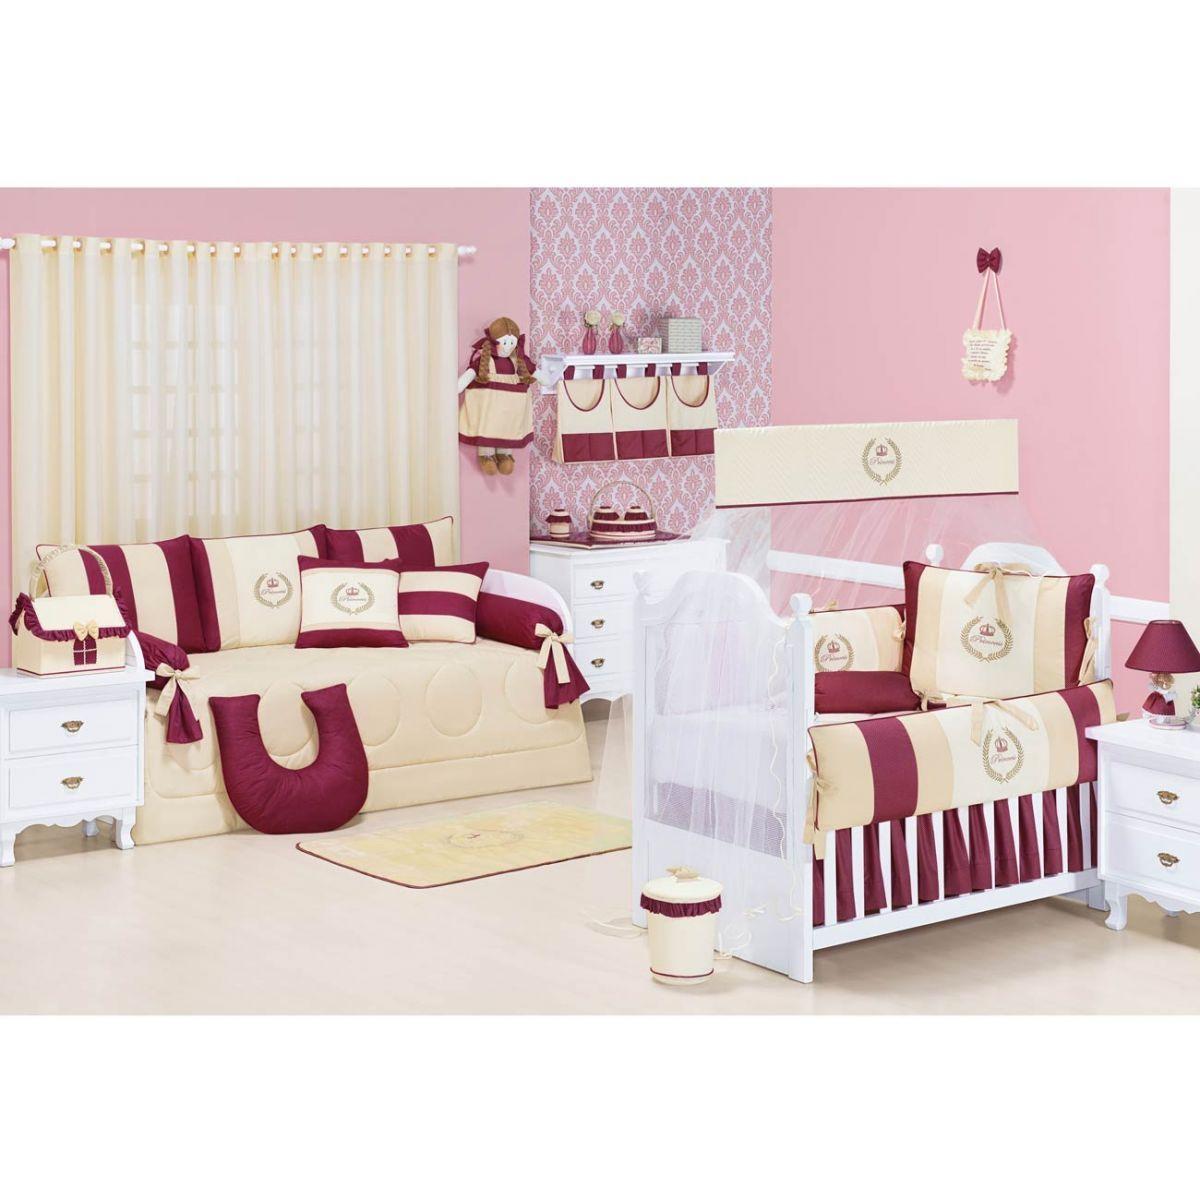 Apoio para Amamentar Bebê - Coleção My Princess Bordo